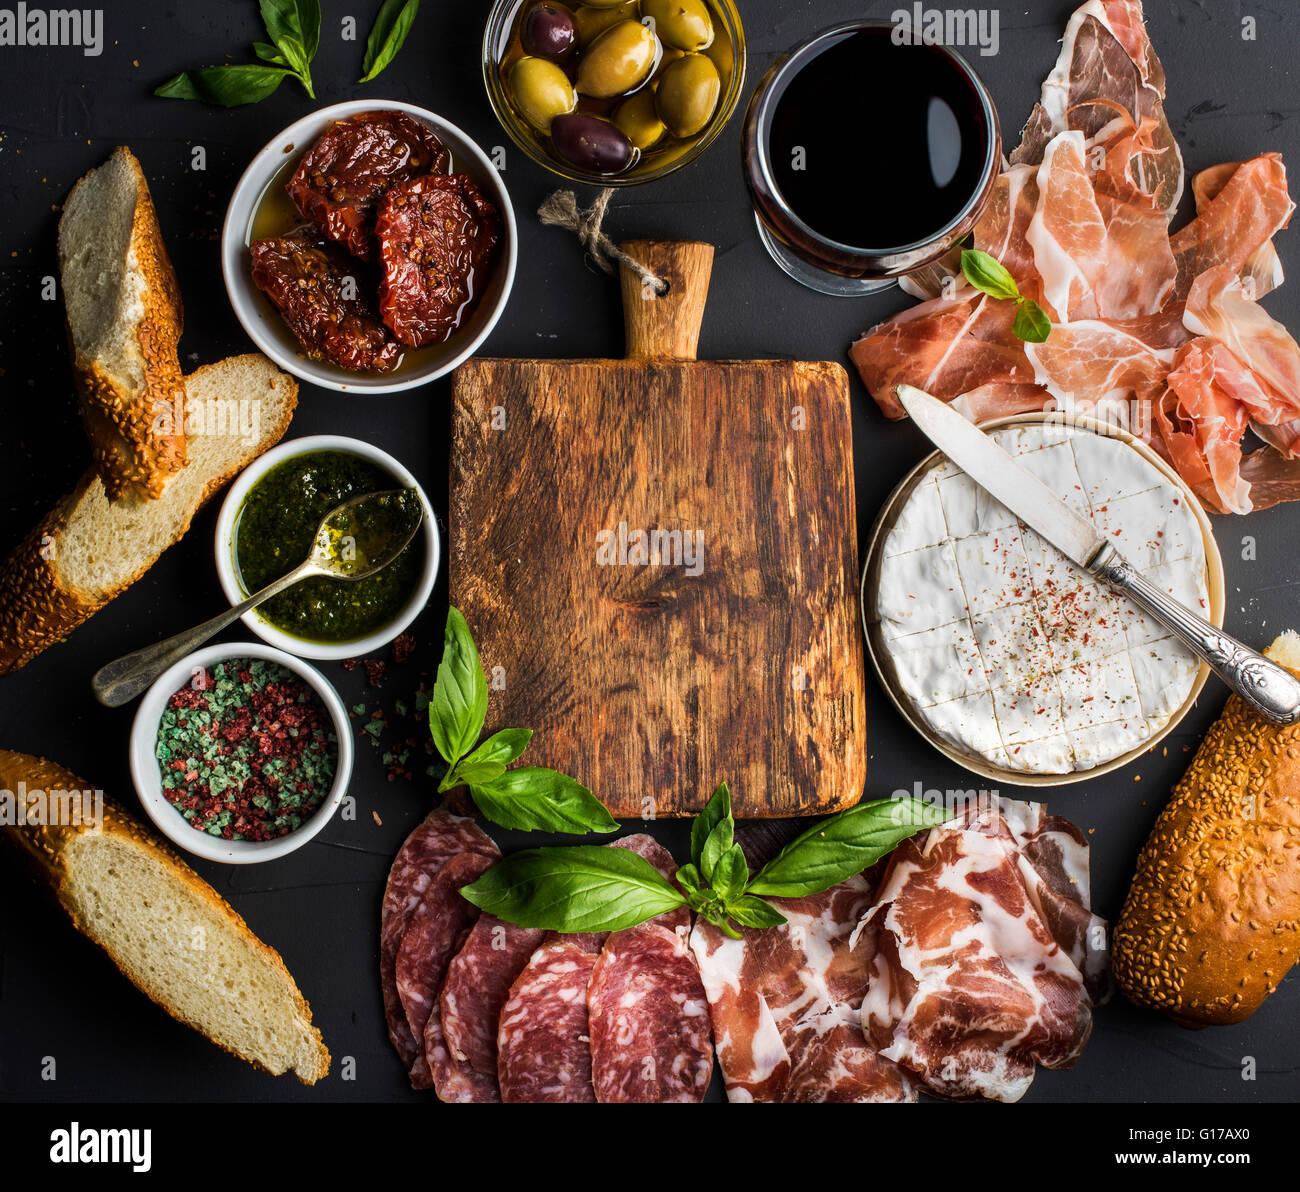 Aperitivo de vino blanco con placa de madera en el centro. Vidrio de color rojo, la selección de carne, mediterránea, Imagen De Stock